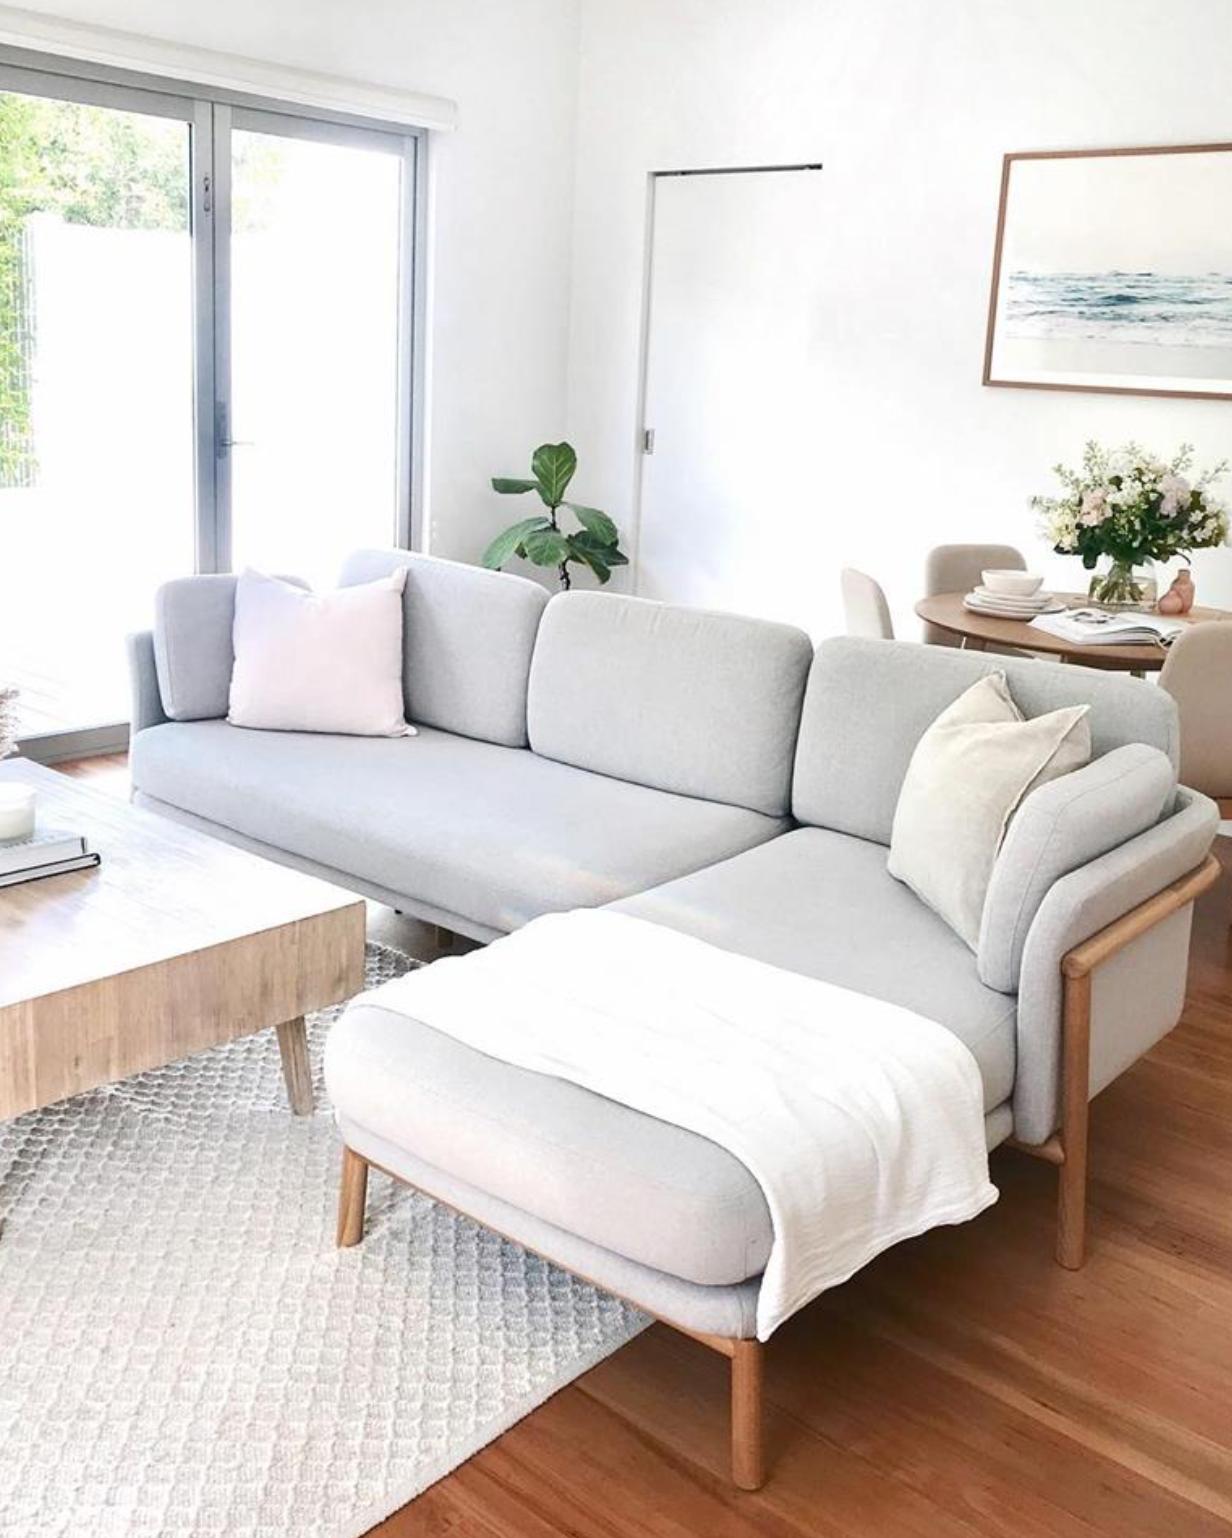 Anbau-Bild von Andrea Matthes | Kleine wohnung wohnzimmer ...